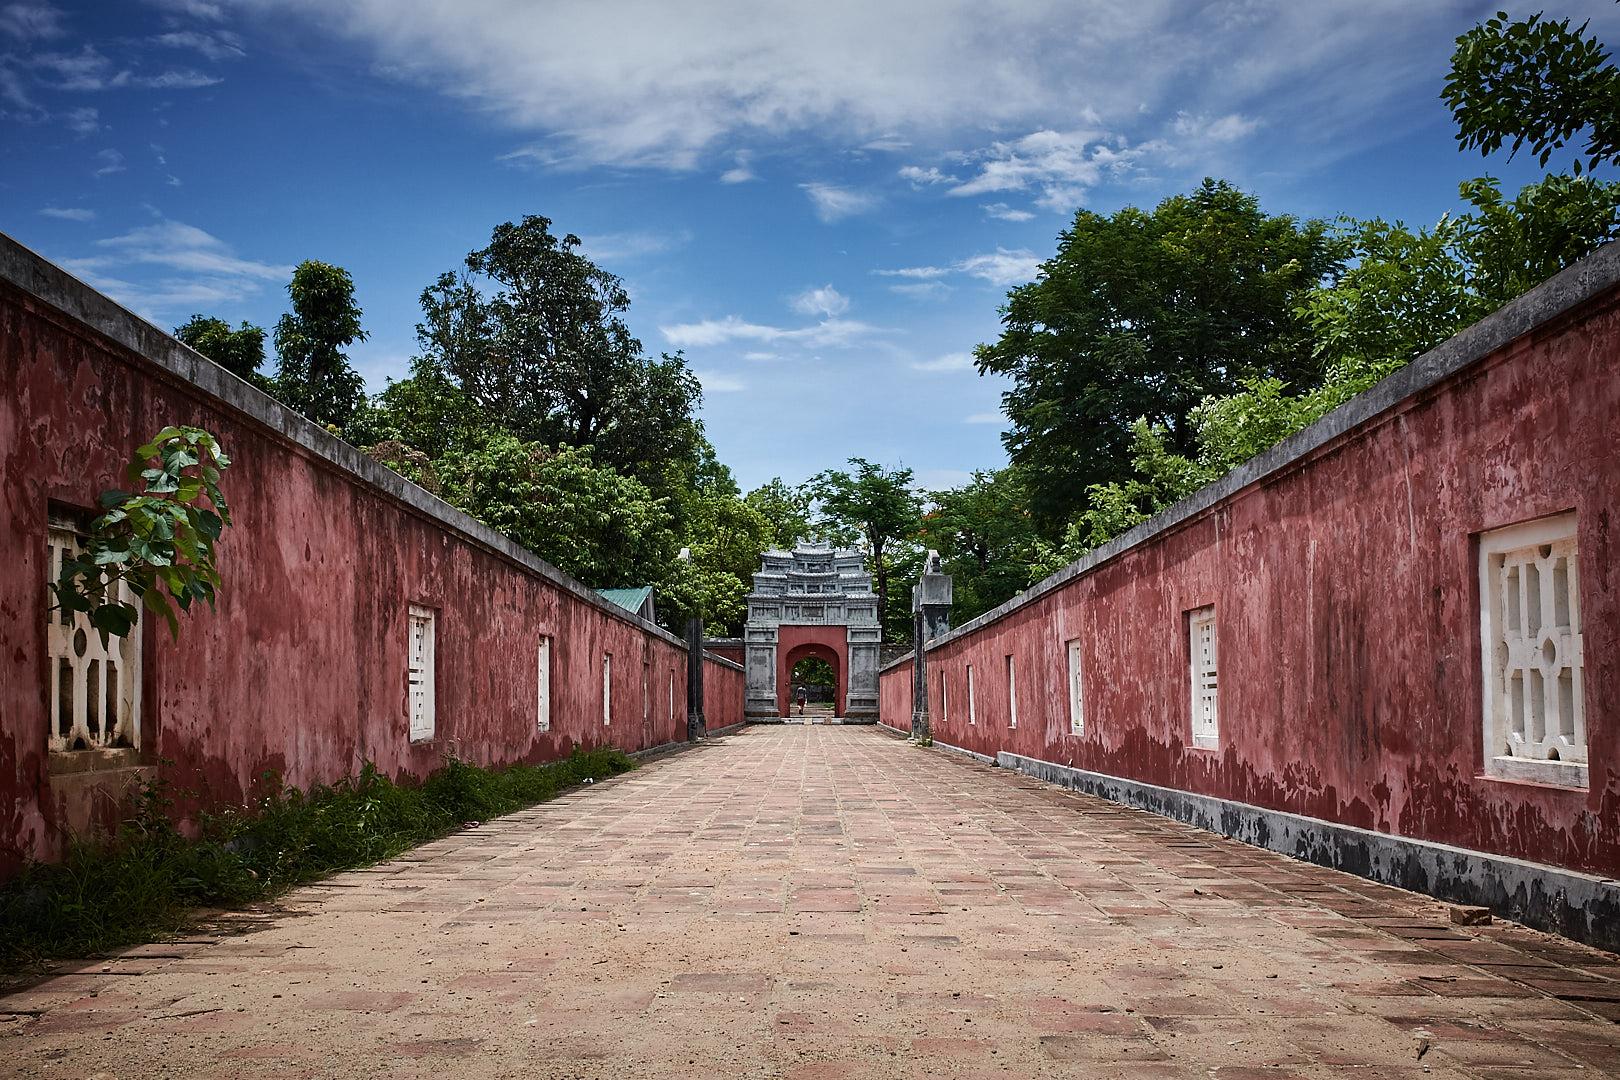 170613-Vietnam-Hue-0097.jpg